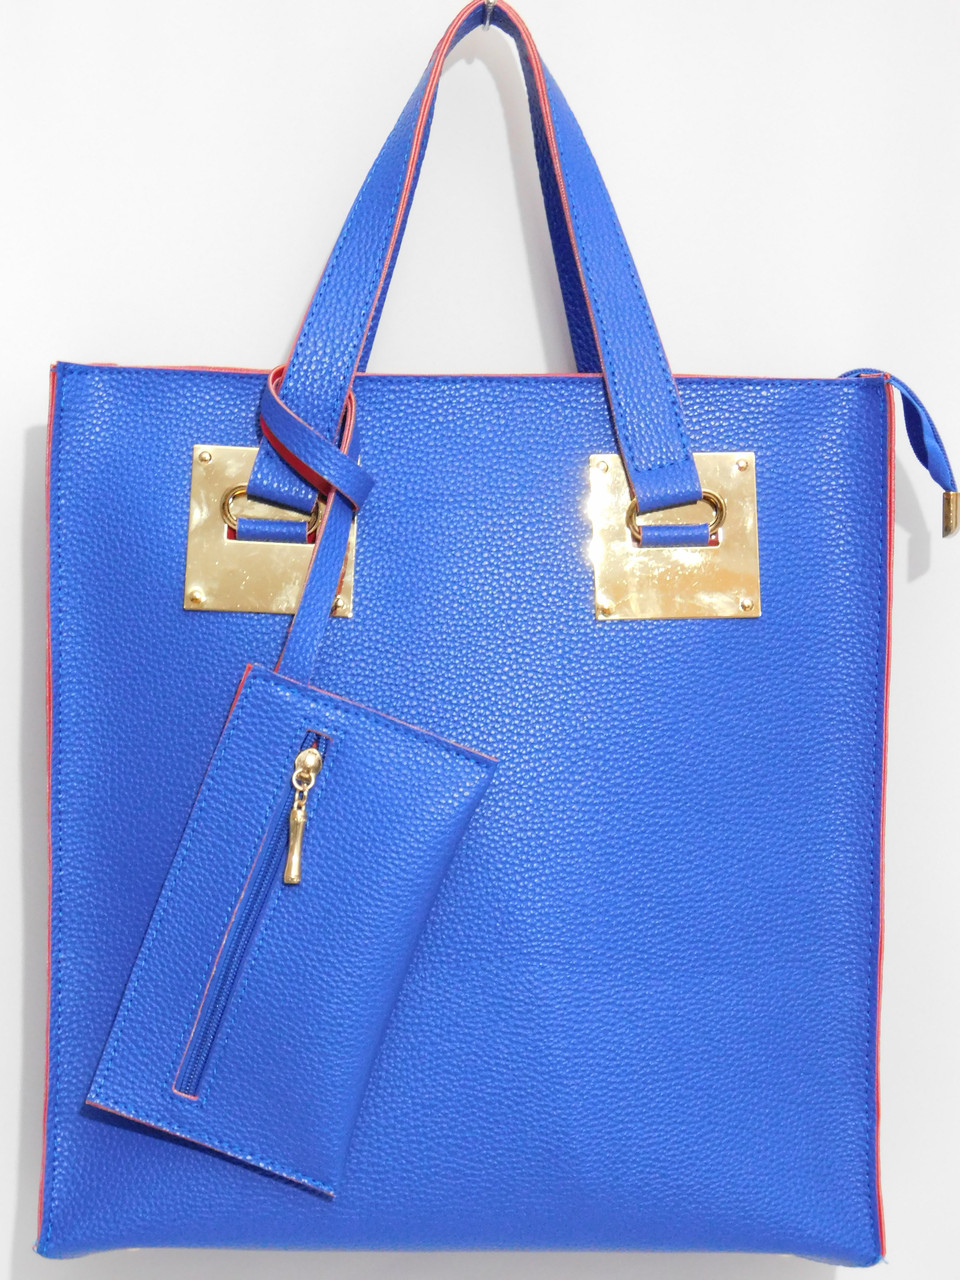 59f225f55e82 Деловая женская сумка для документов синяя: продажа, цена в Киеве ...